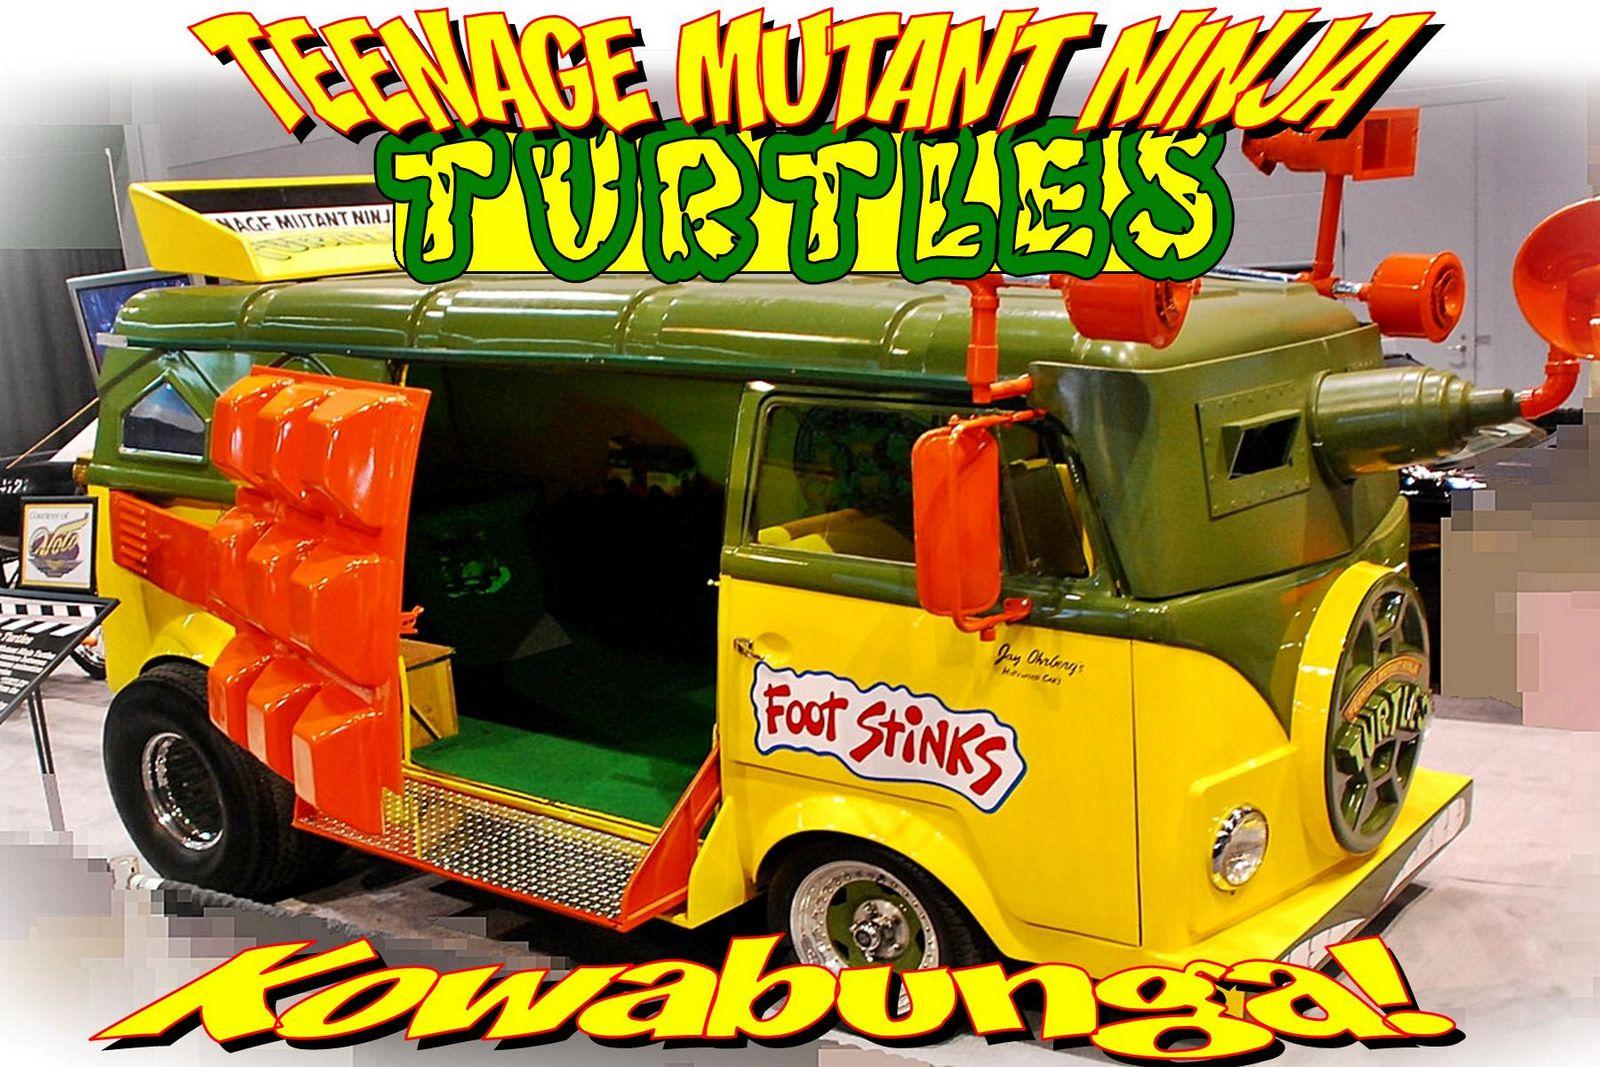 A kids' favorite, Ninja Turtle van as seen in the Ninja